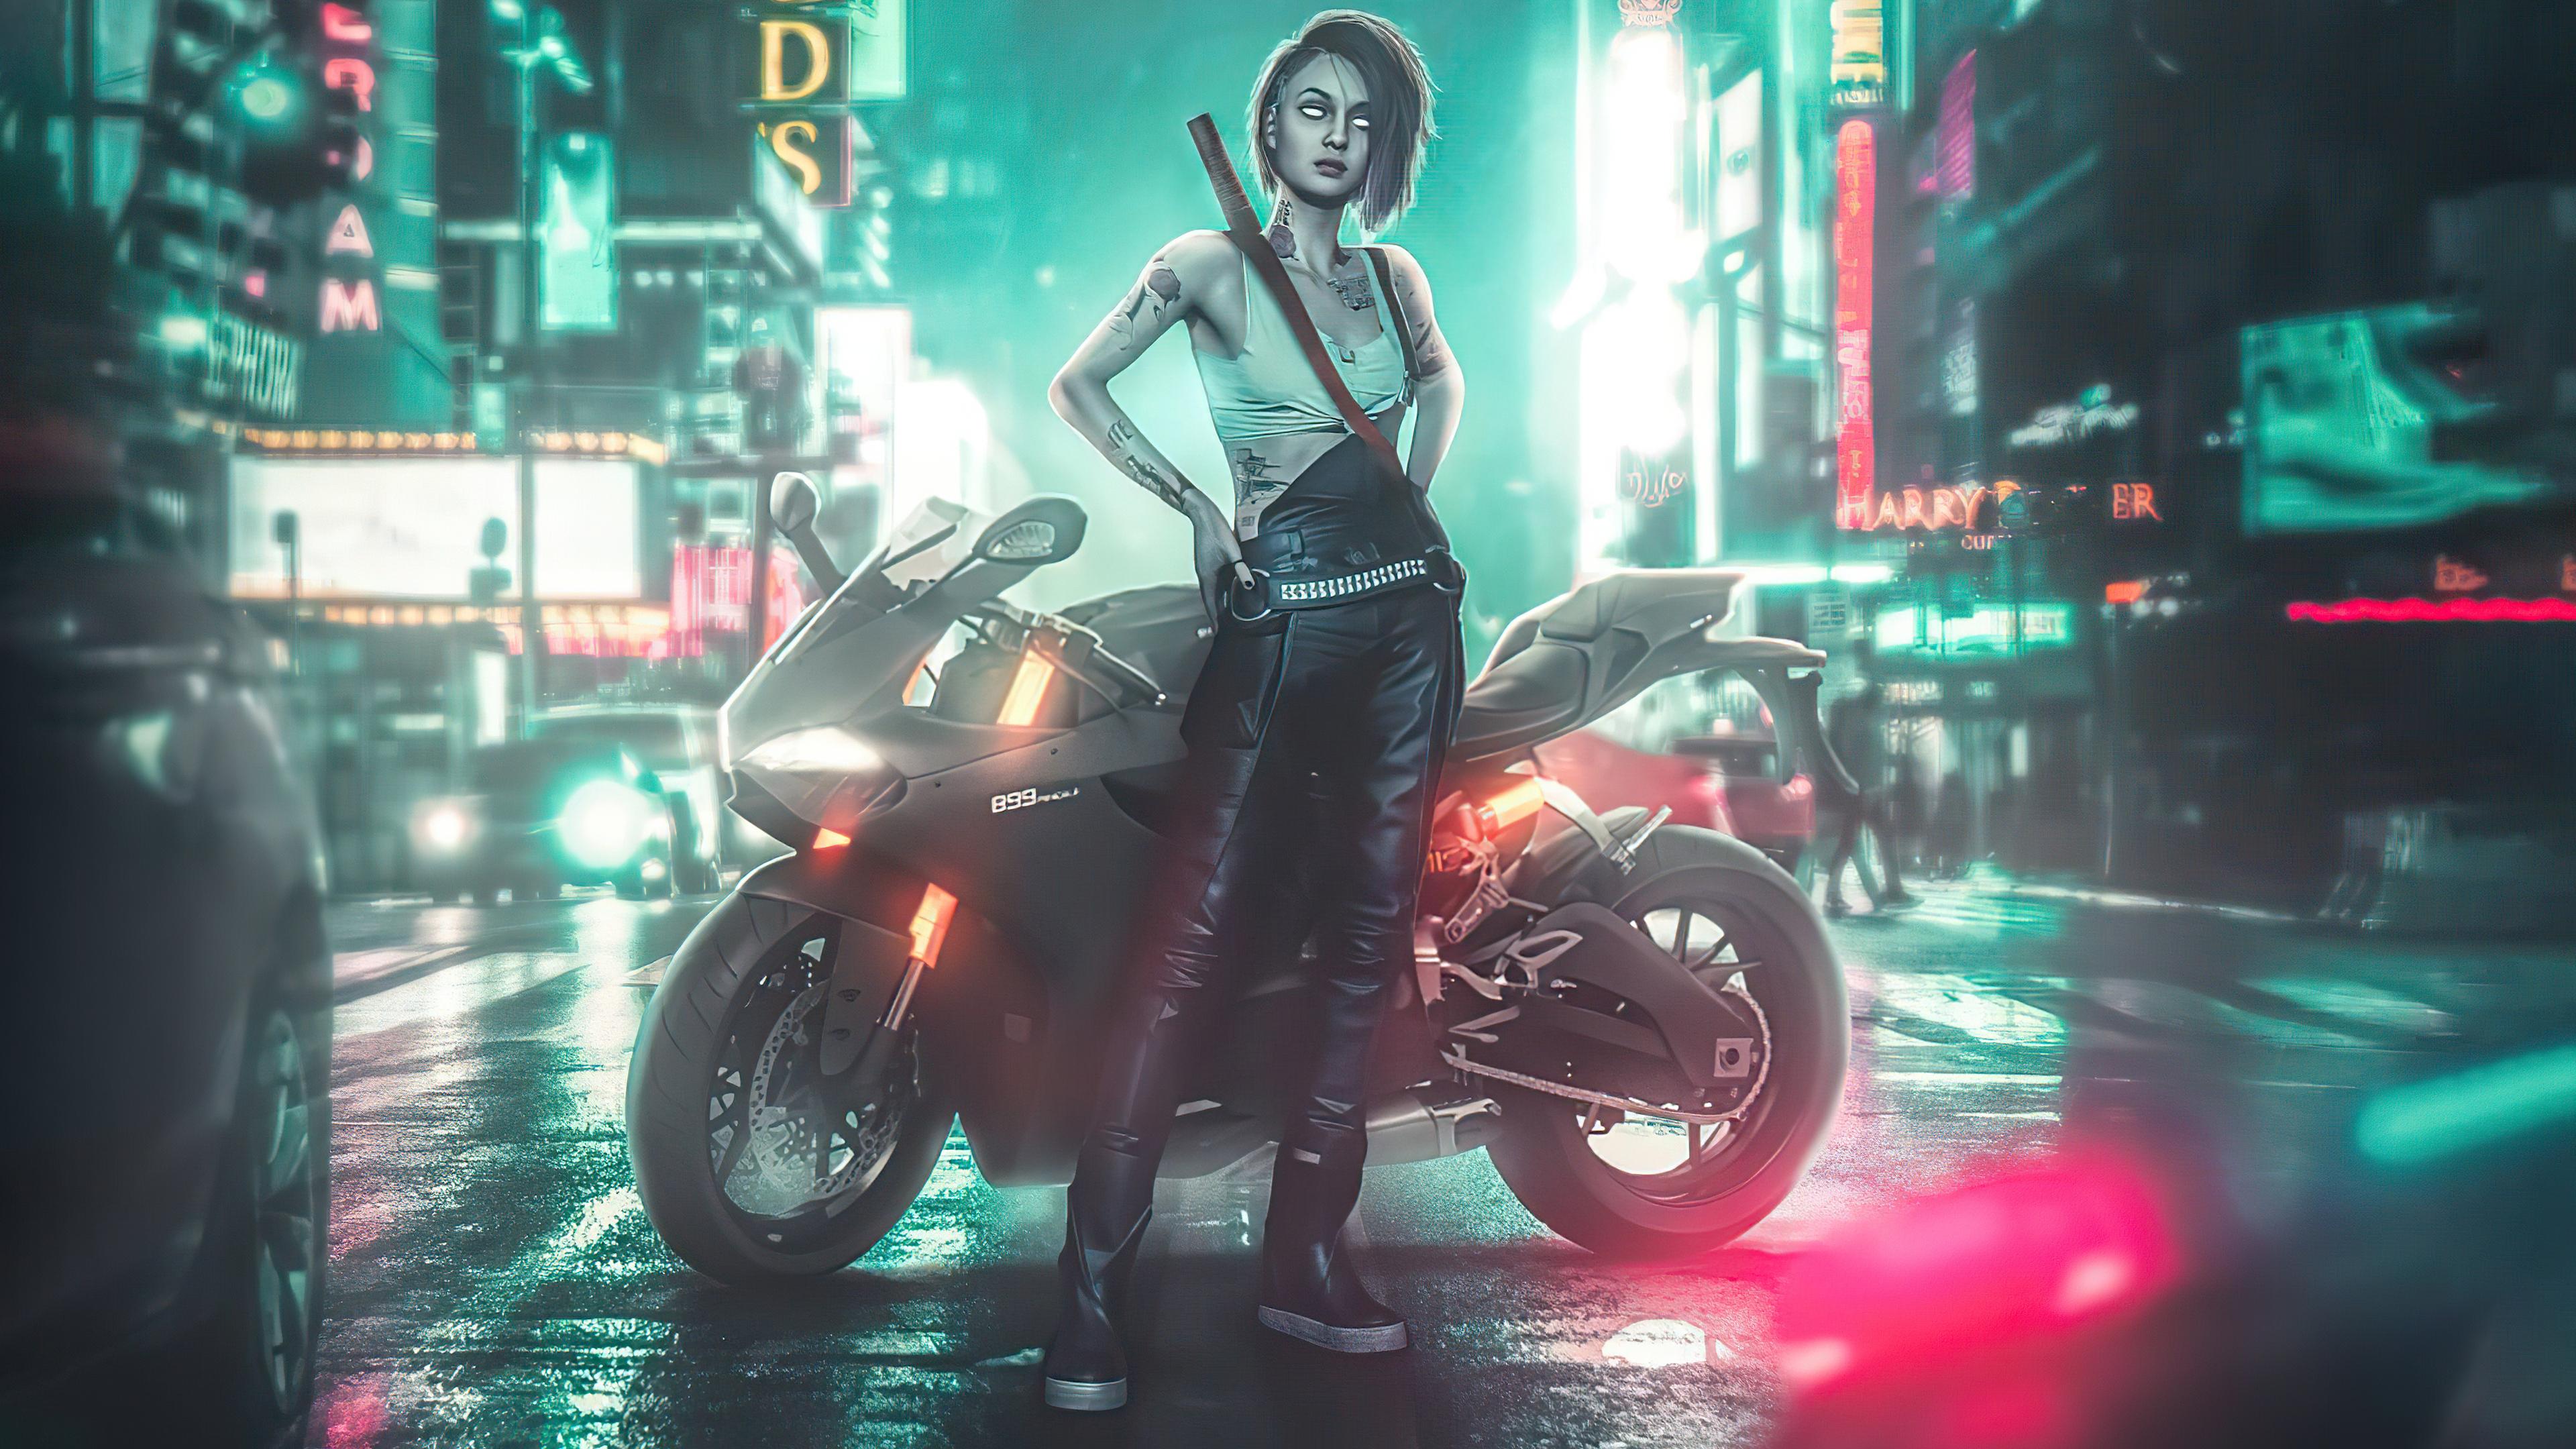 cyberpunk-2077-night-city-girl-5k-wb.jpg